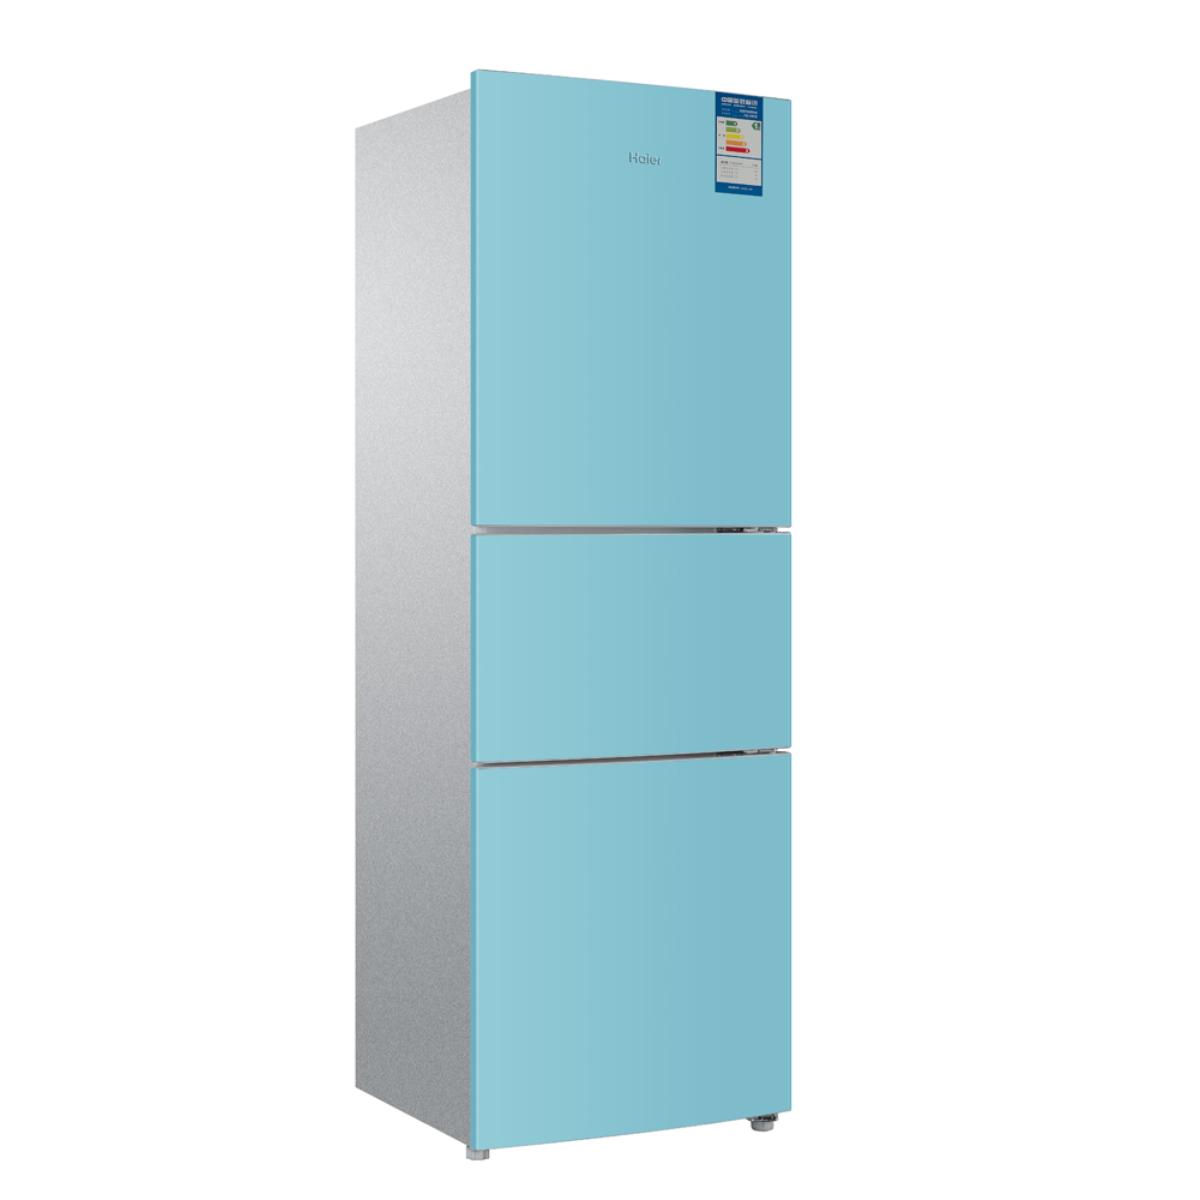 冰箱静音哪个牌子比较好 冰箱静音推荐